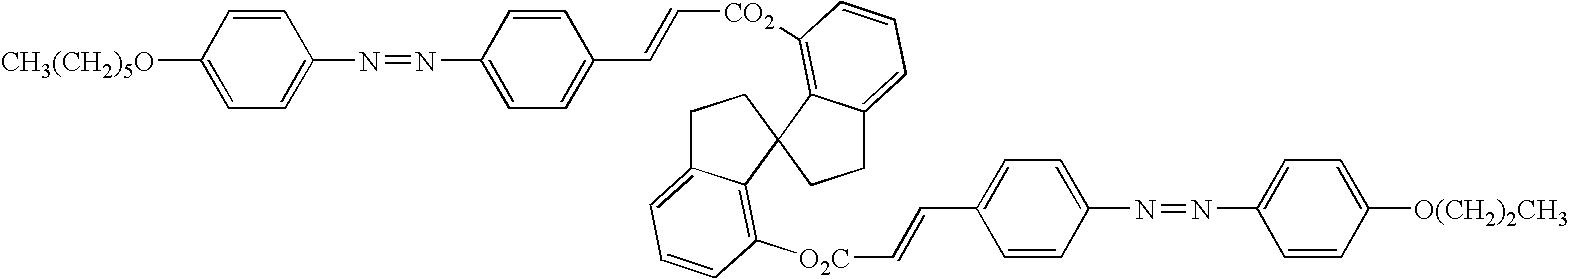 Figure US07470376-20081230-C00028